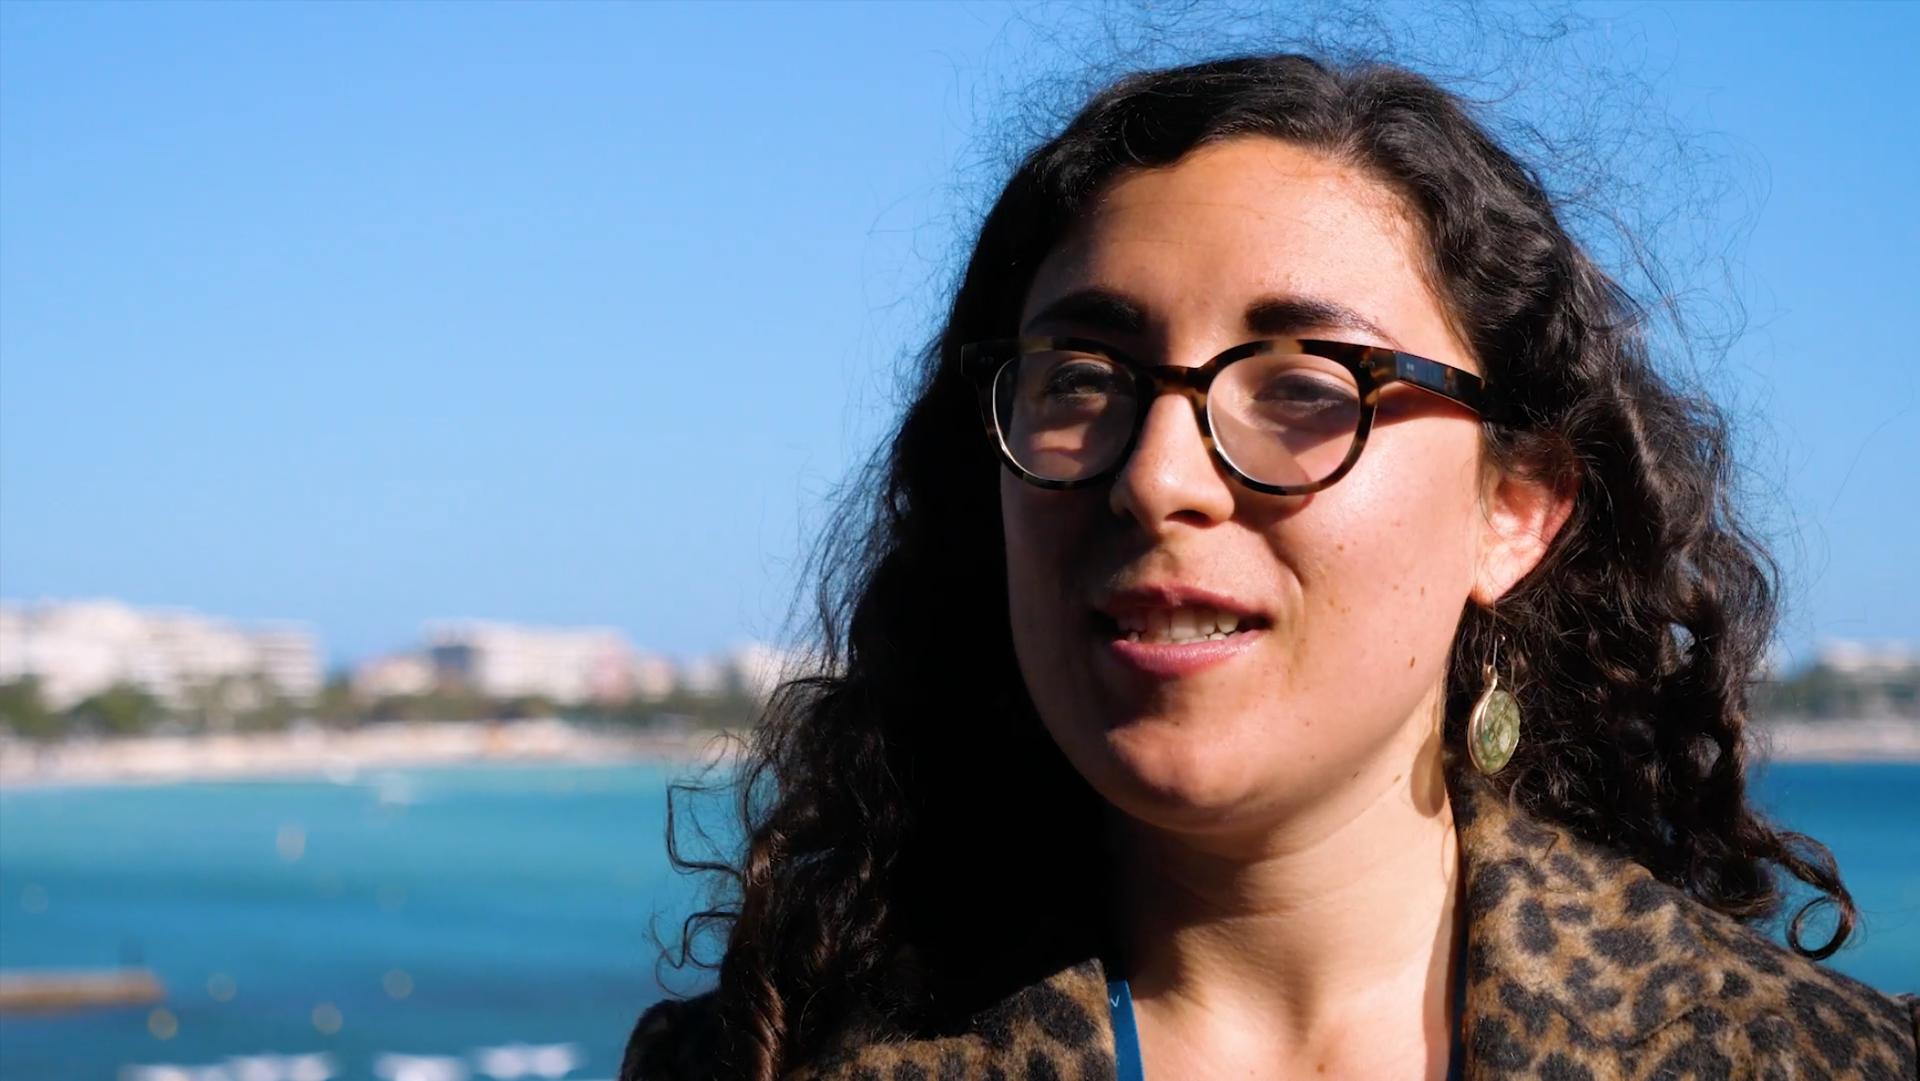 Étudiante en audiovisuel, Sophia Verdati nous partage son expérience au MIPTV